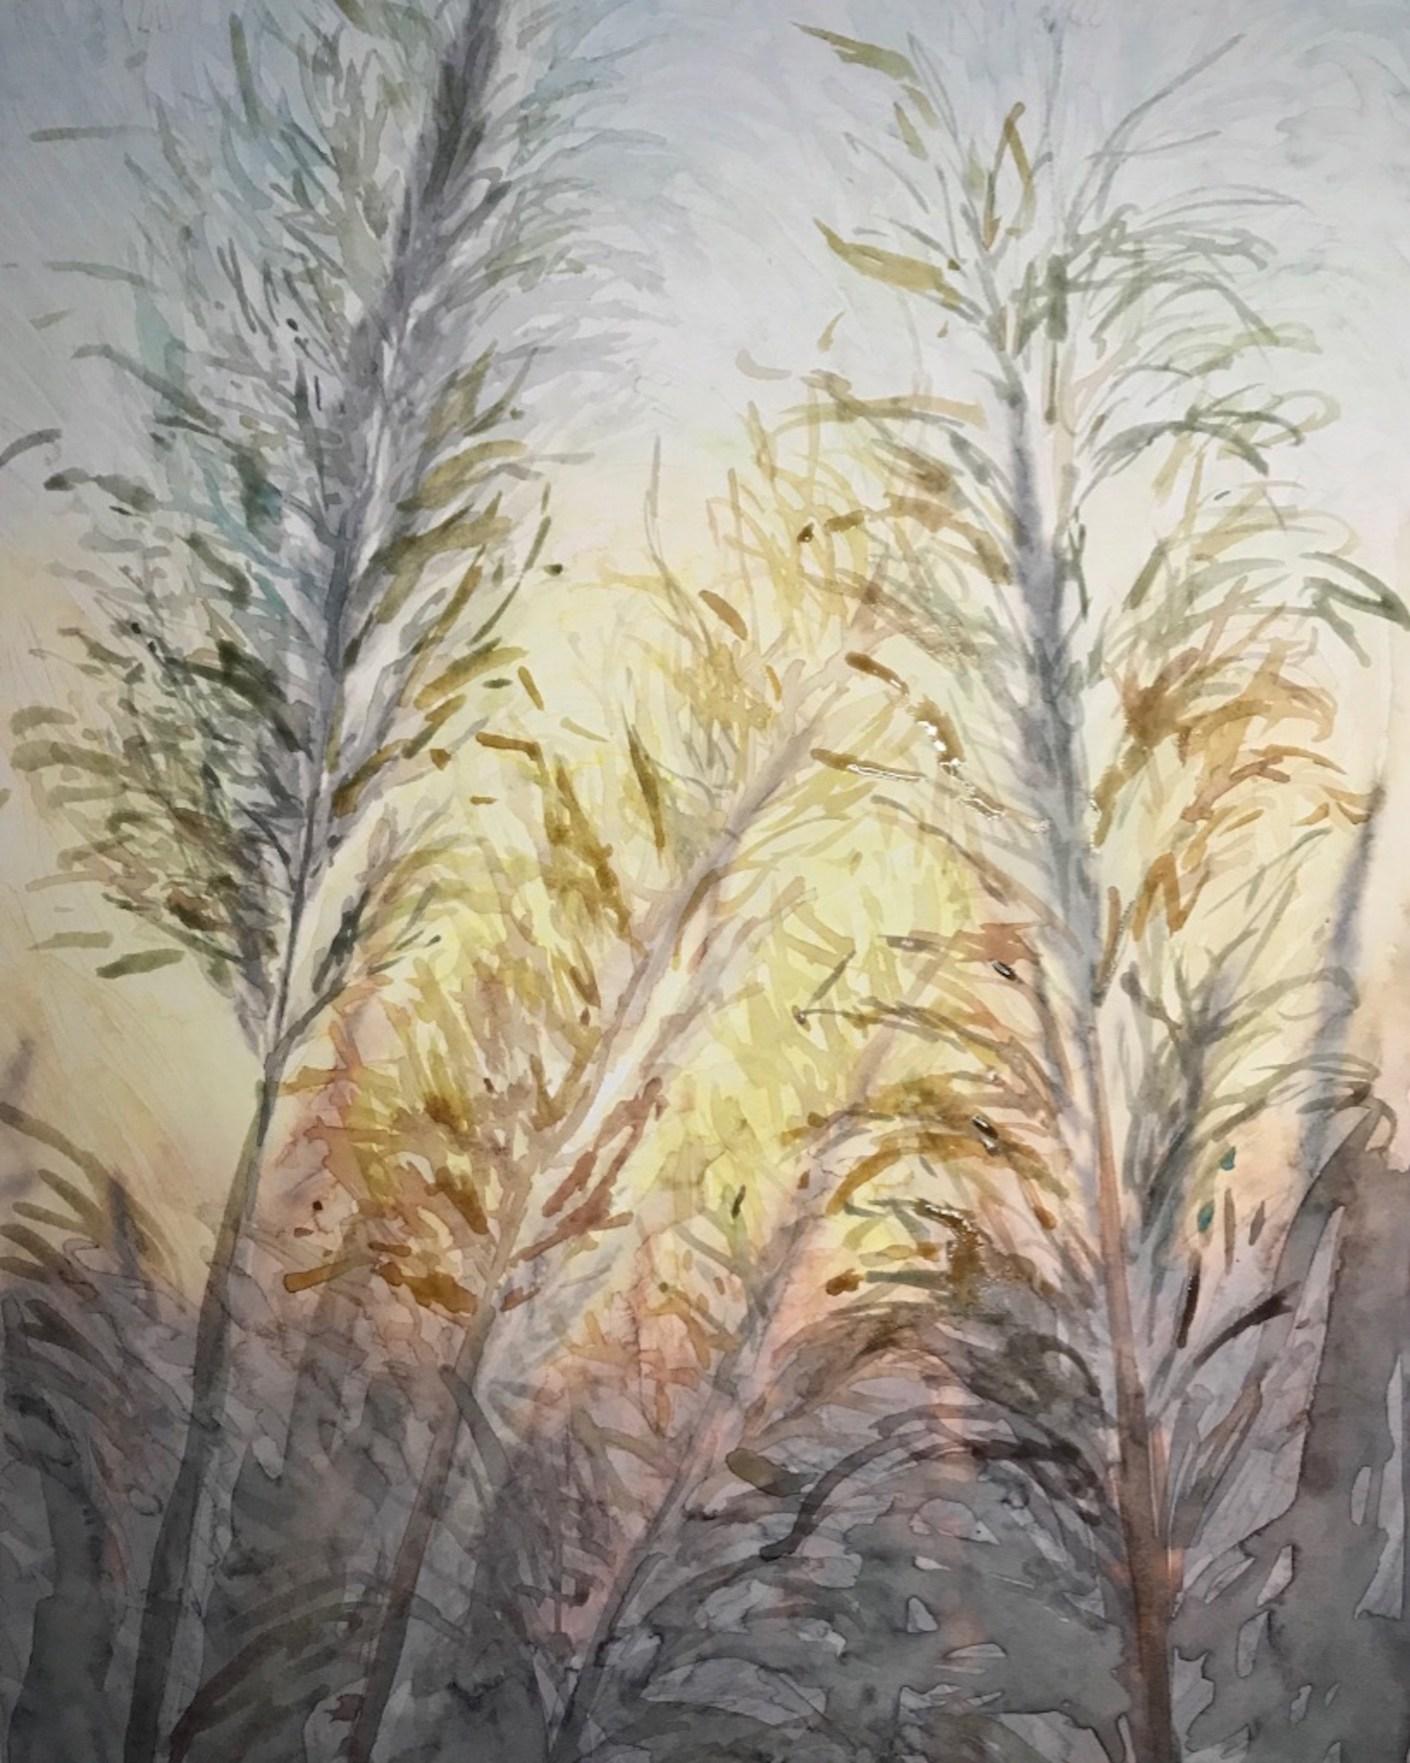 pampas grass landscape 7_aquarela em papel 26X37_Edna Carla Stradioto_2019